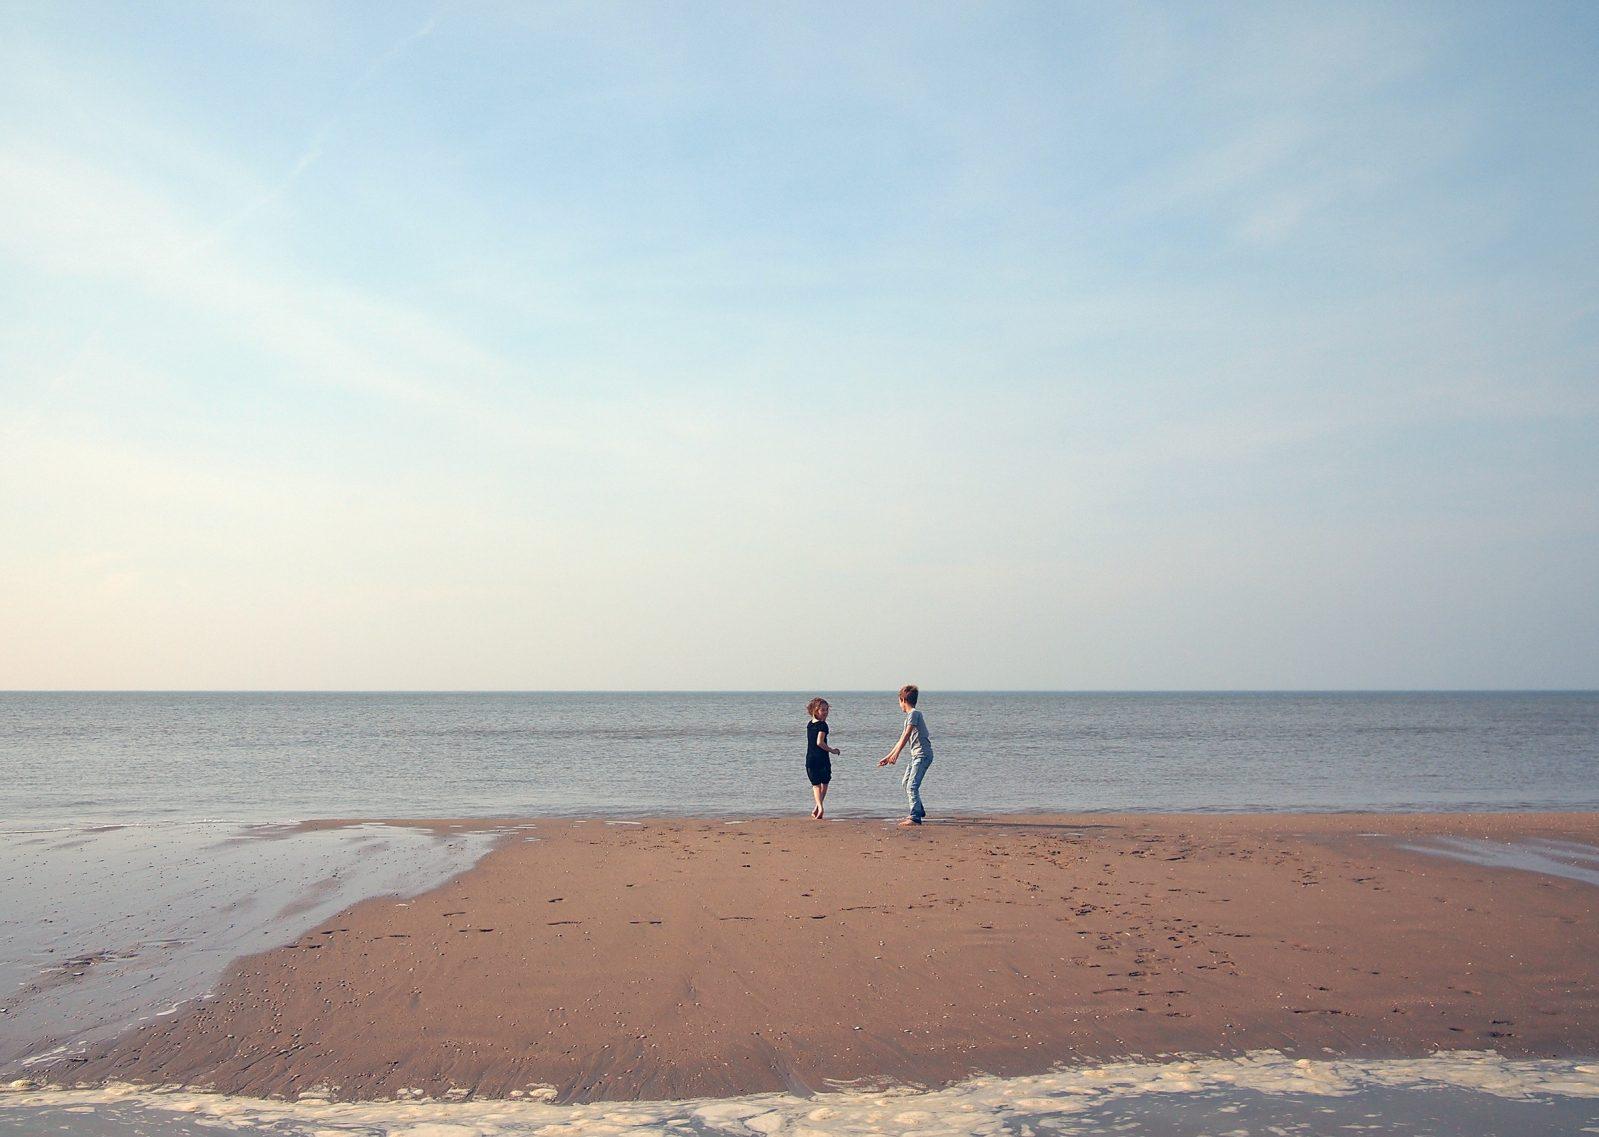 Mi farò trovare seduto sulla spiaggia